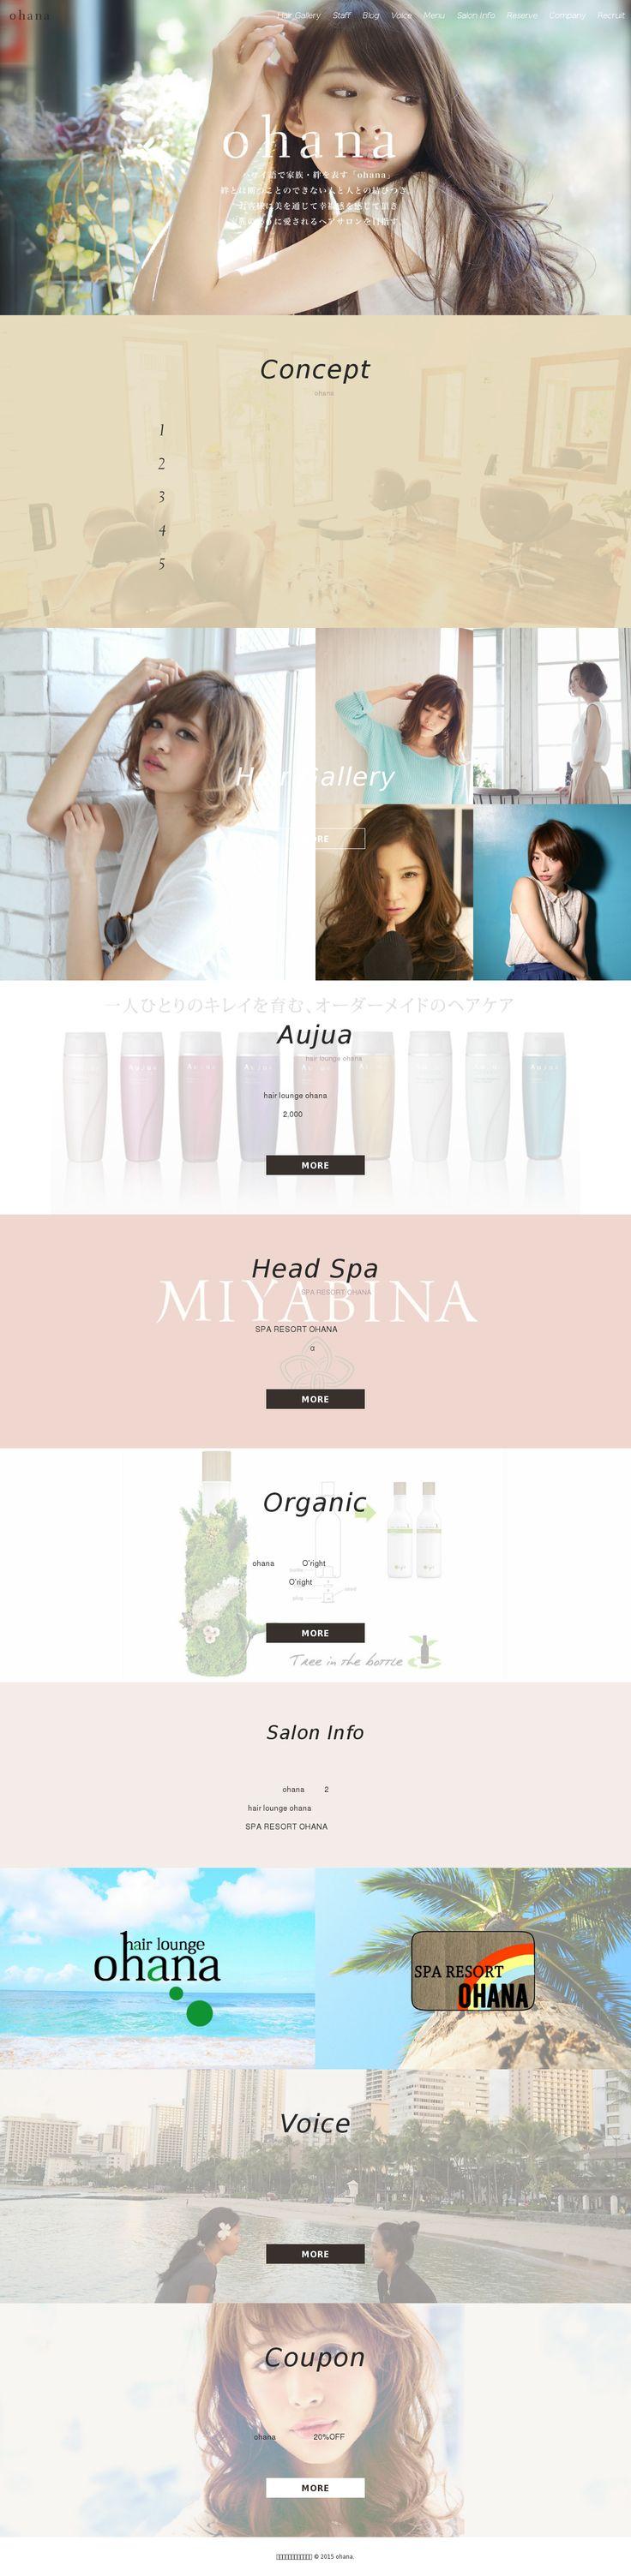 美容室・レシポンシブWEBデザイン・WEBサイト・ホームページ・デザイン・ホワイト・ベージュ・ピンク